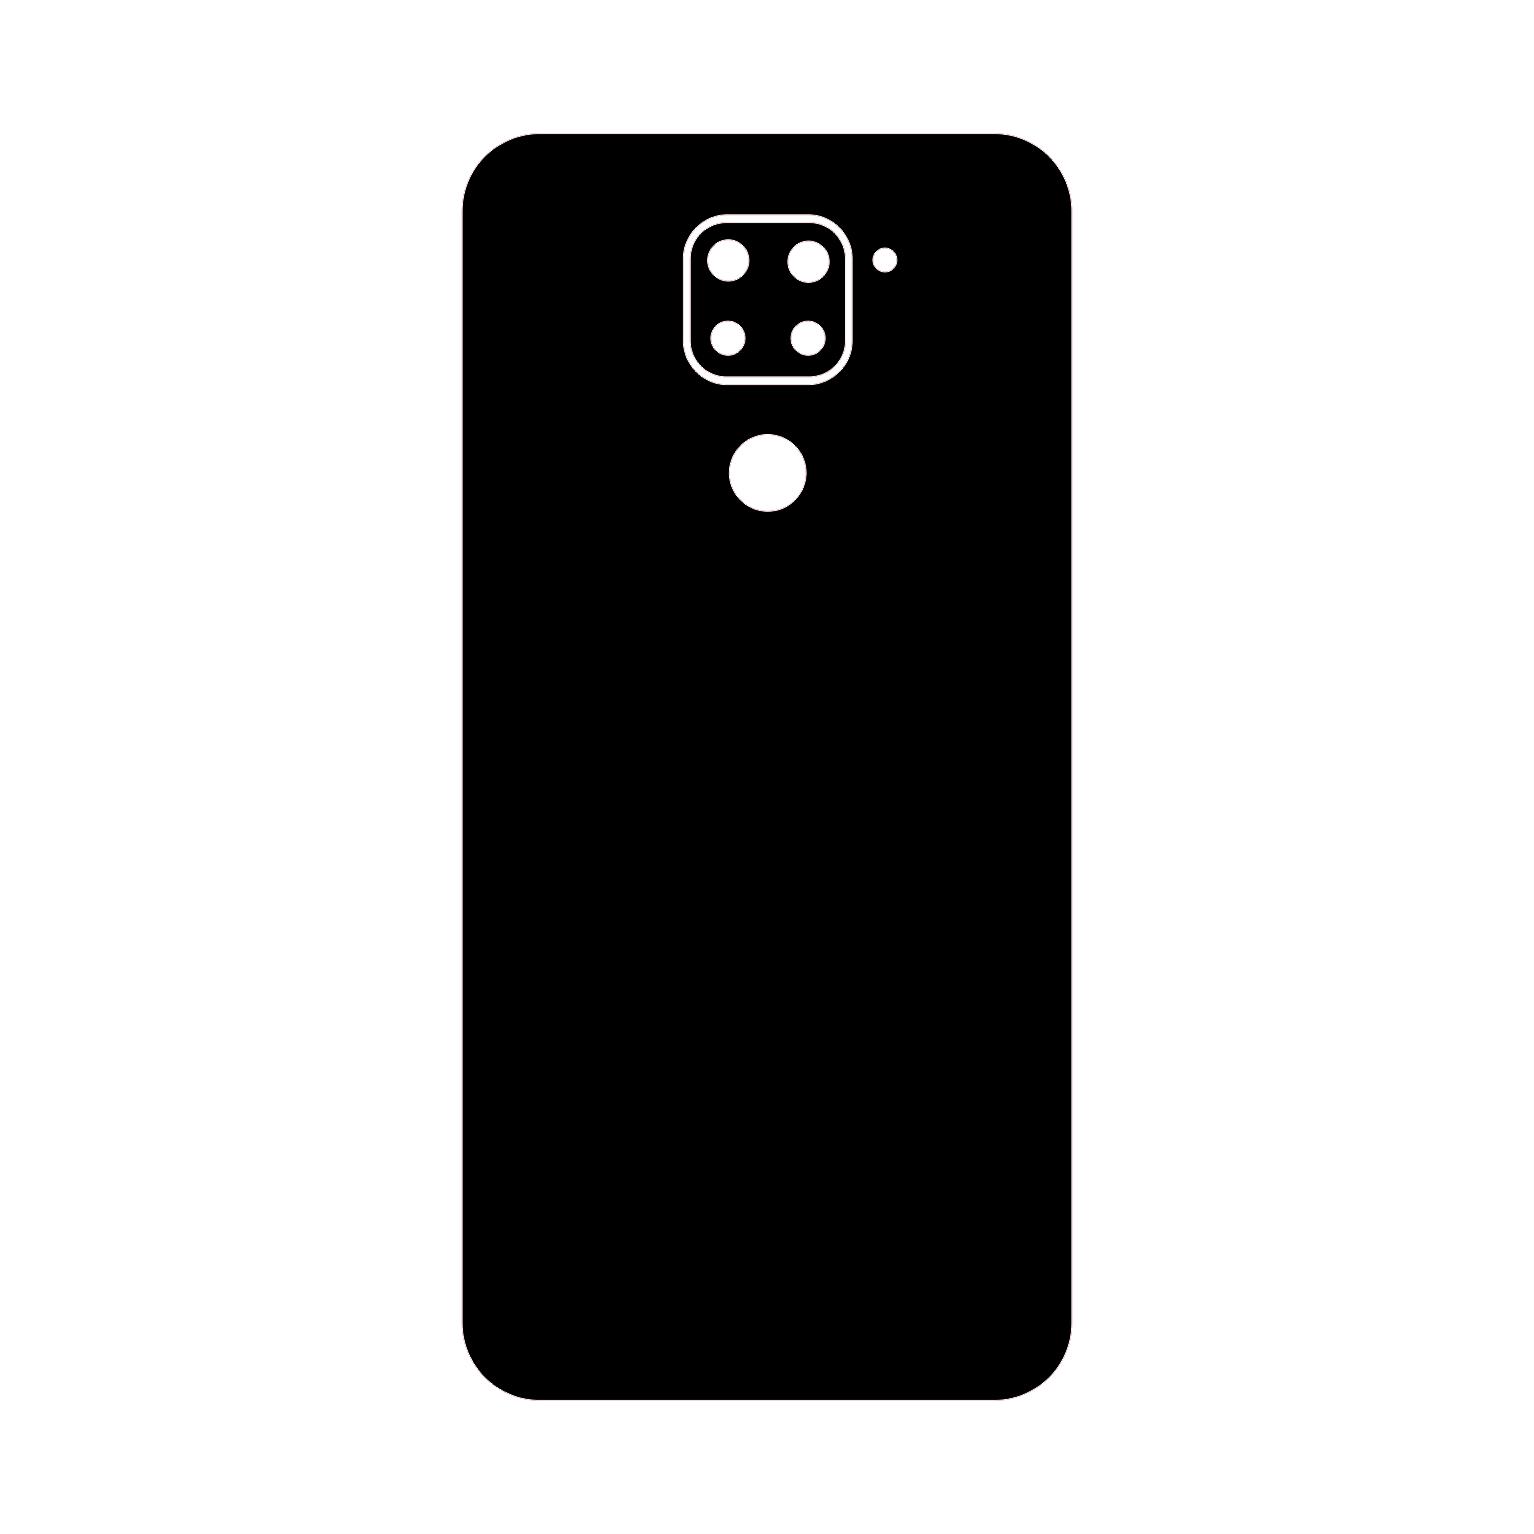 برچسب پوششی مدل 1004 مناسب برای گوشی موبایل شیائومی Redmi Note 9